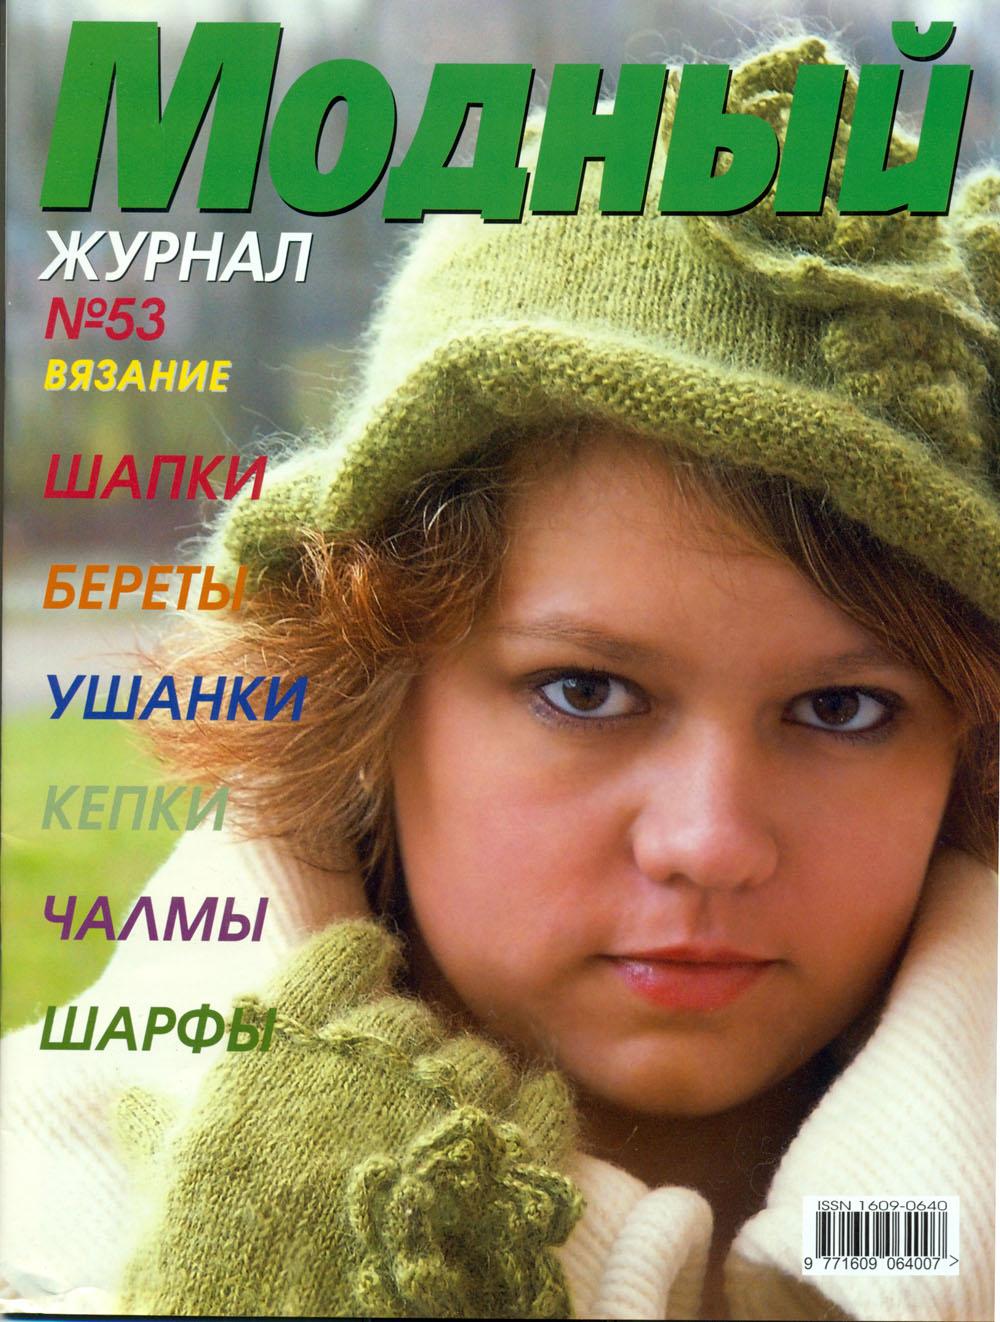 Шапочка с шишечками для девочки МК - Описание вязания 2